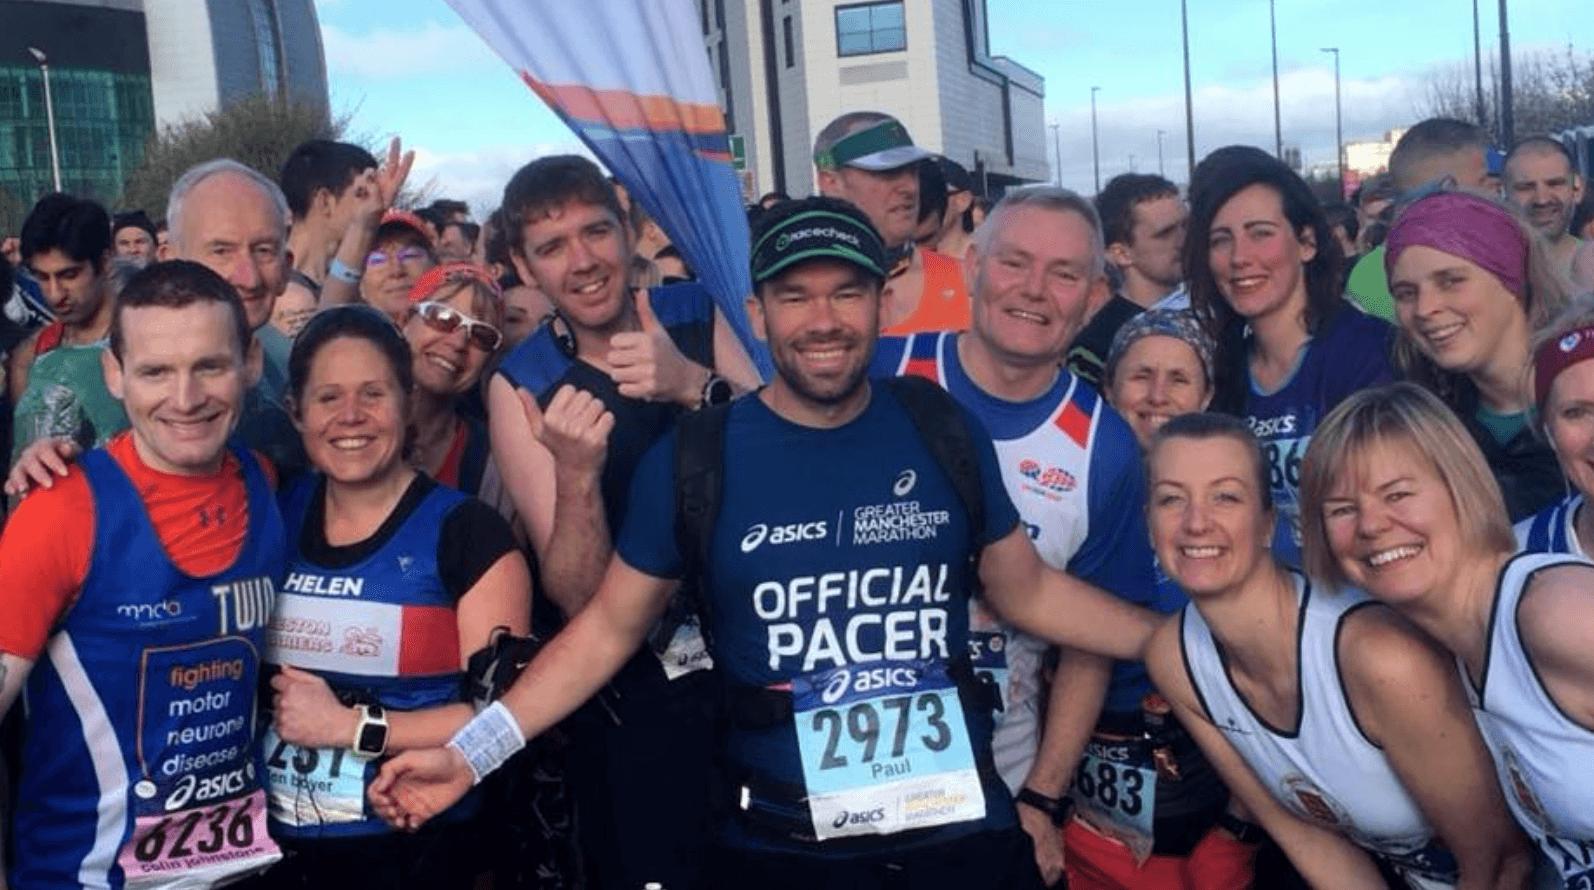 Paul Addicott Running Pacer